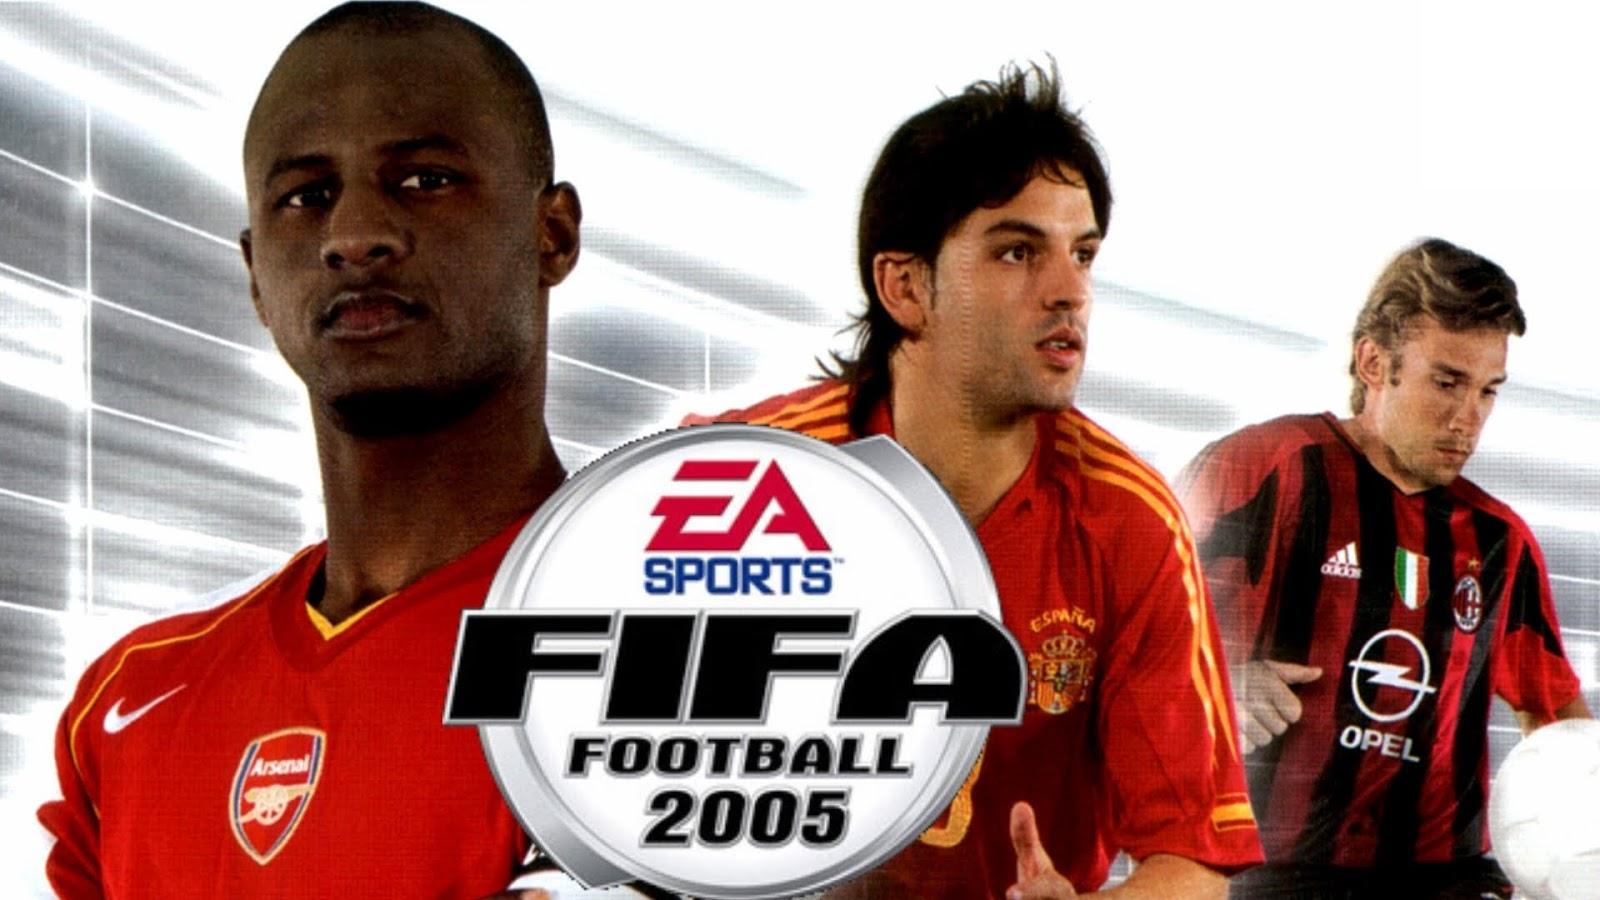 تحميل لعبة كرة القدم فيفا 5 - FIFA 2005